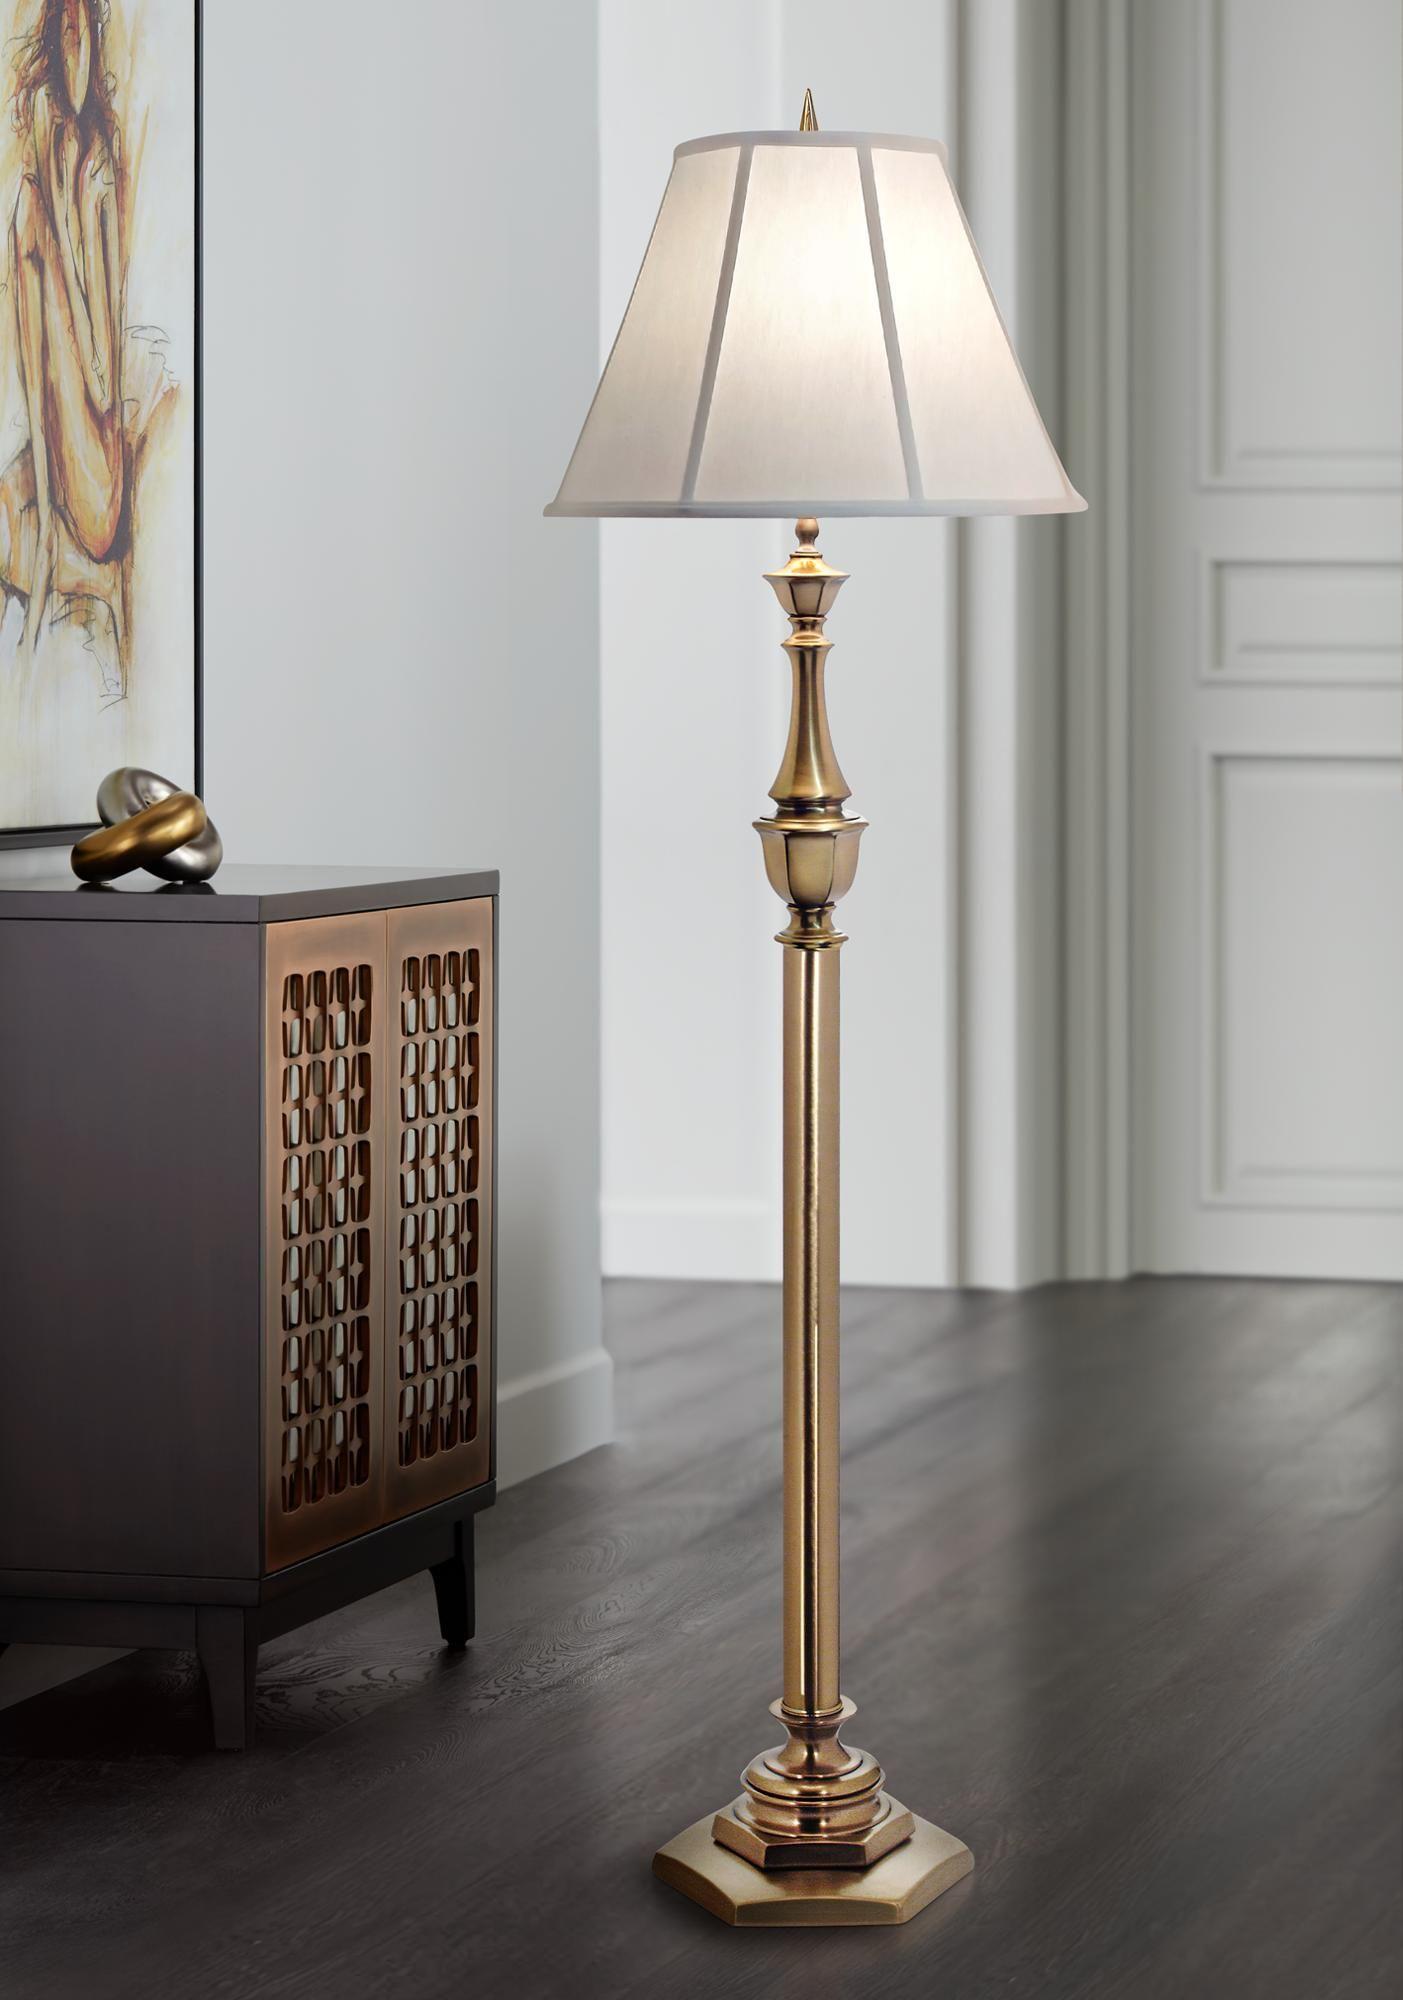 Stiffel Redondo Antique Brass Floor Lamp